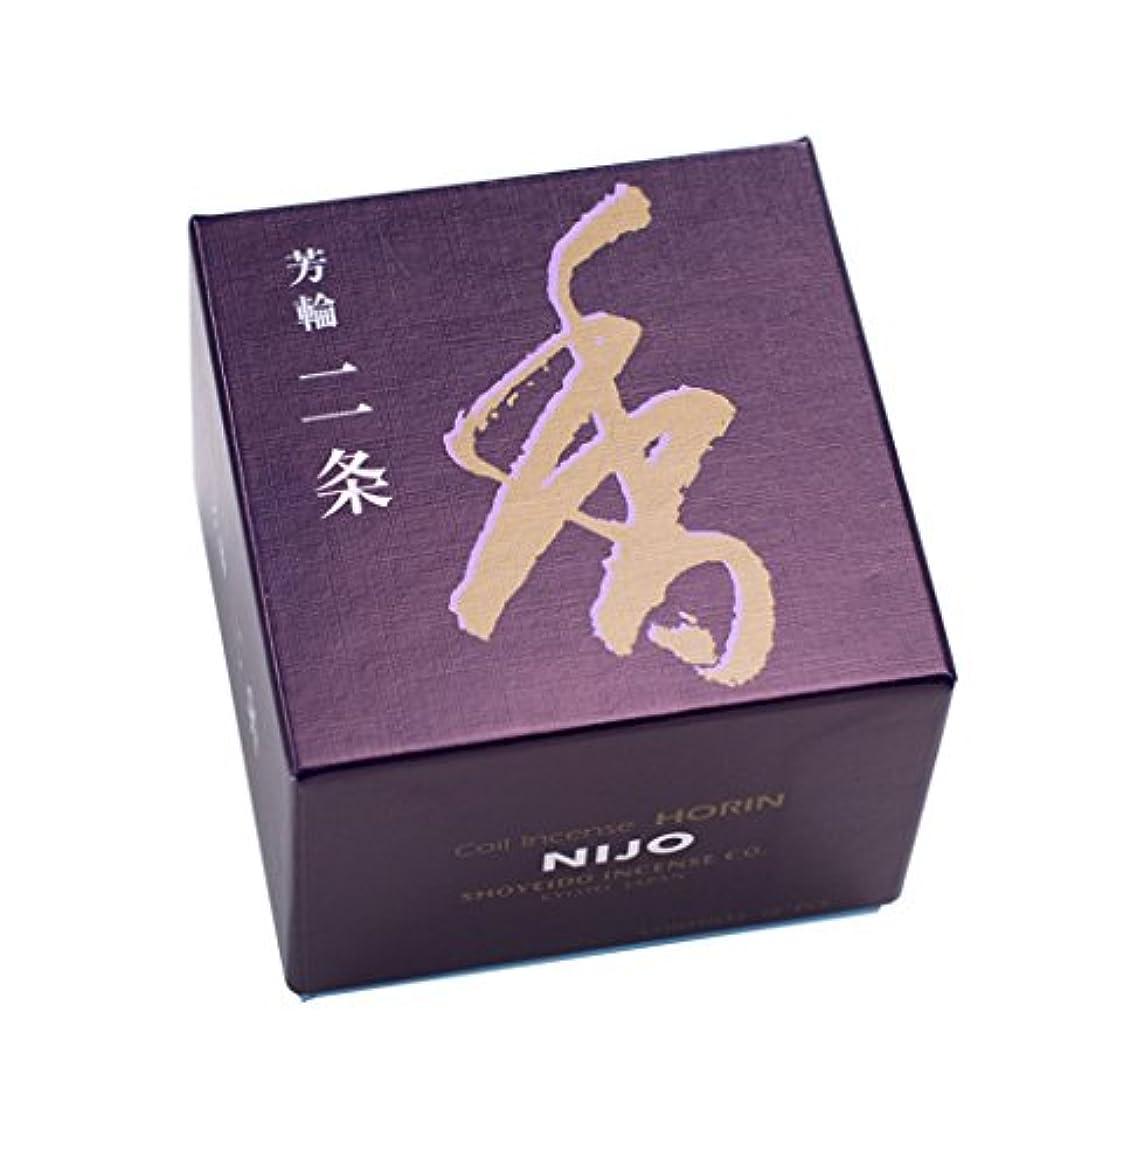 操作市場拒絶する松栄堂のお香 芳輪二条 渦巻型10枚入 うてな角型付 #210121